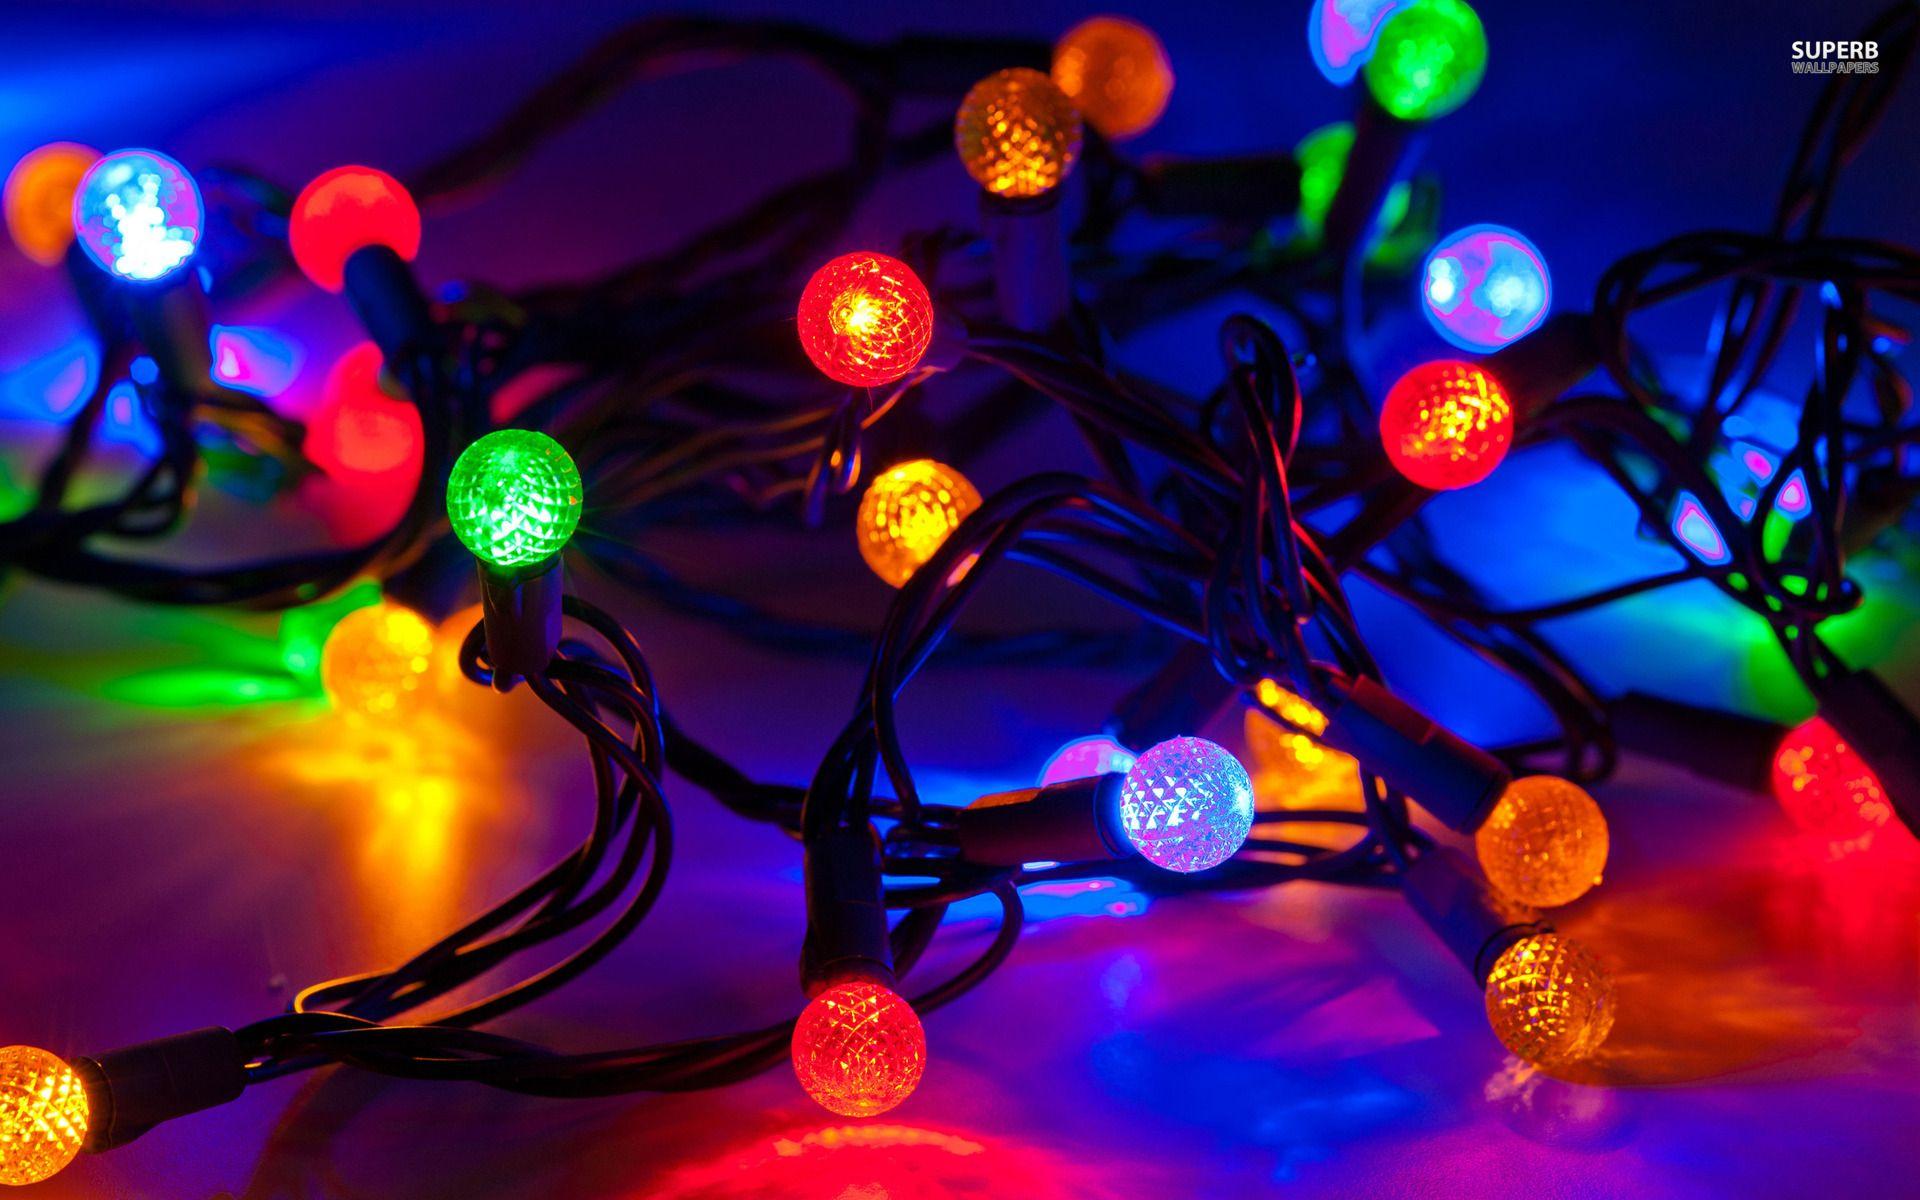 Christmas Lights Google Wallpaper Christmas